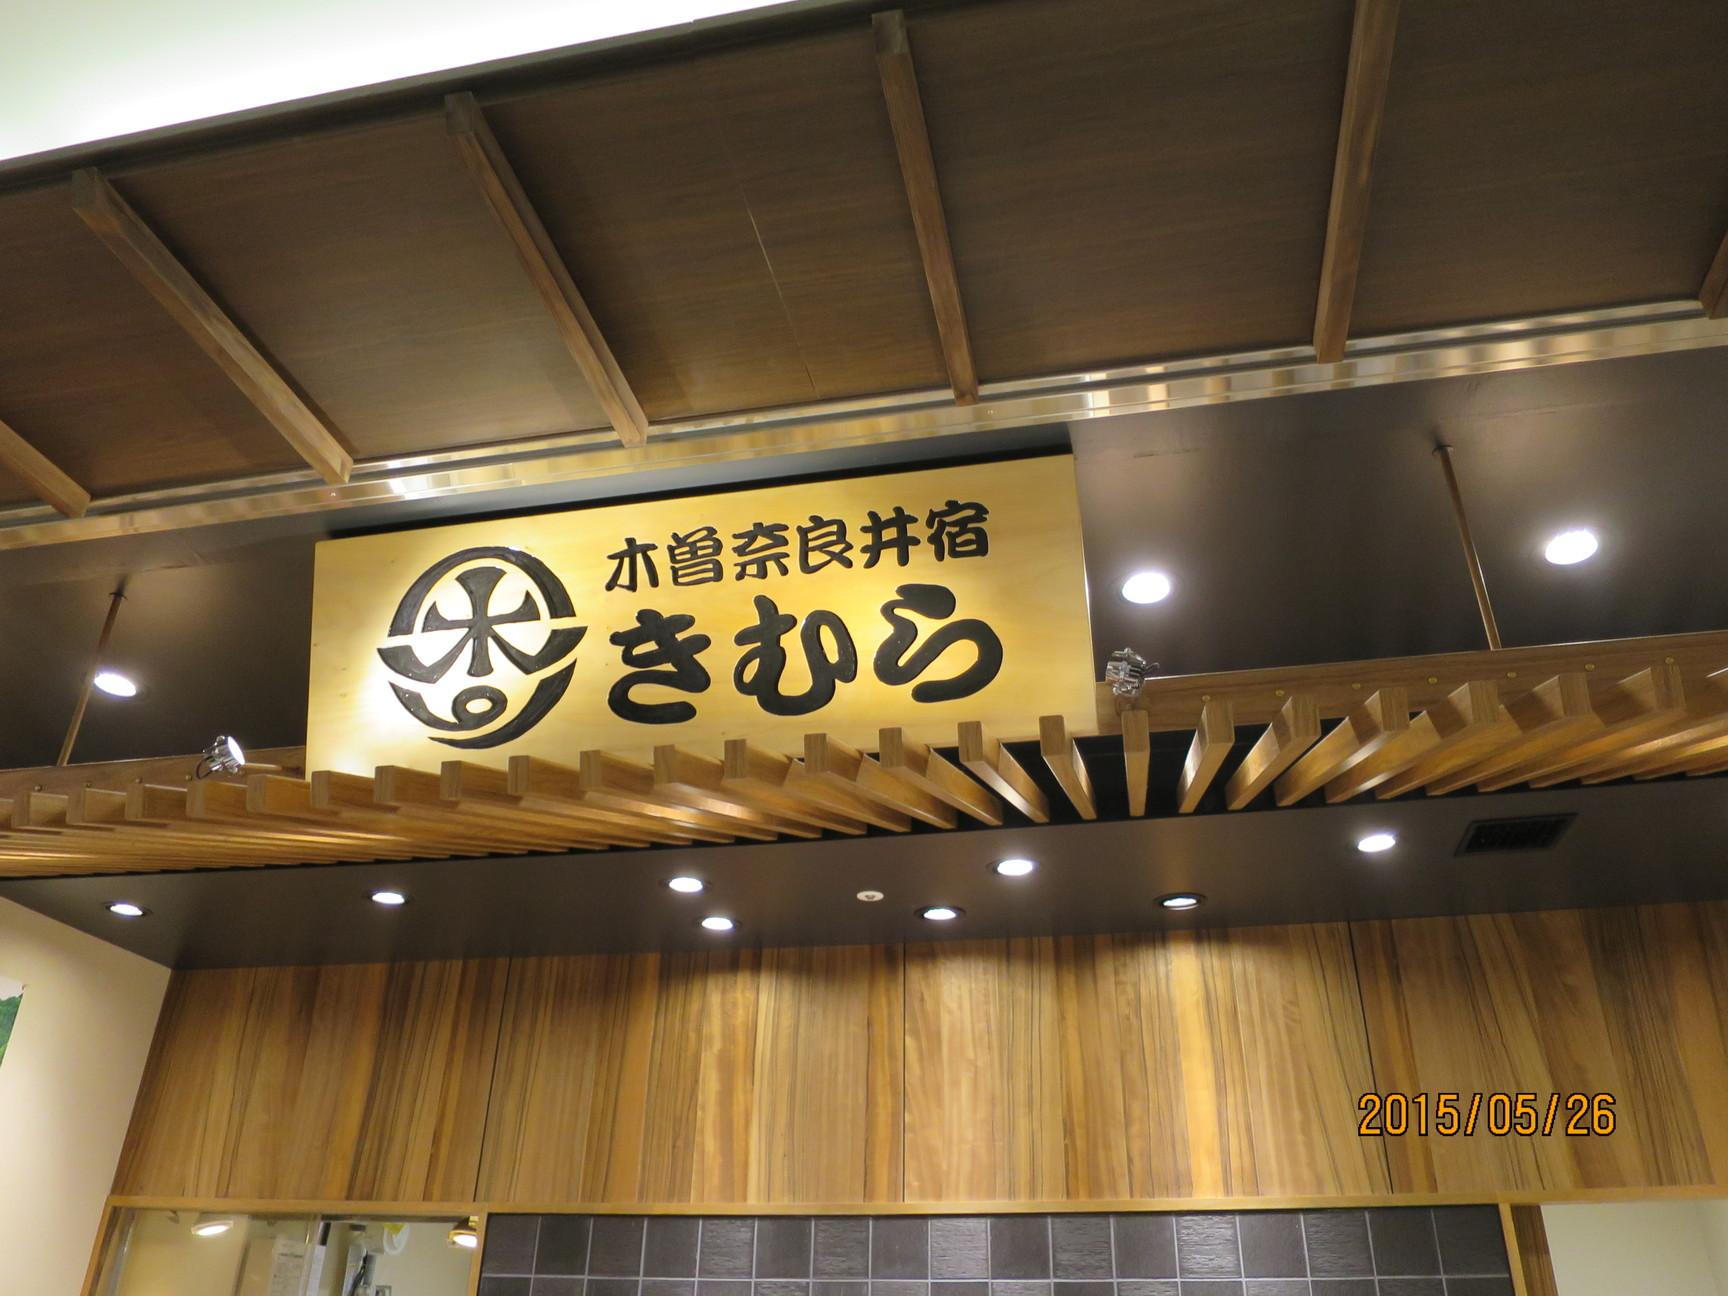 木曽奈良井宿きむら 長野MIDORI店